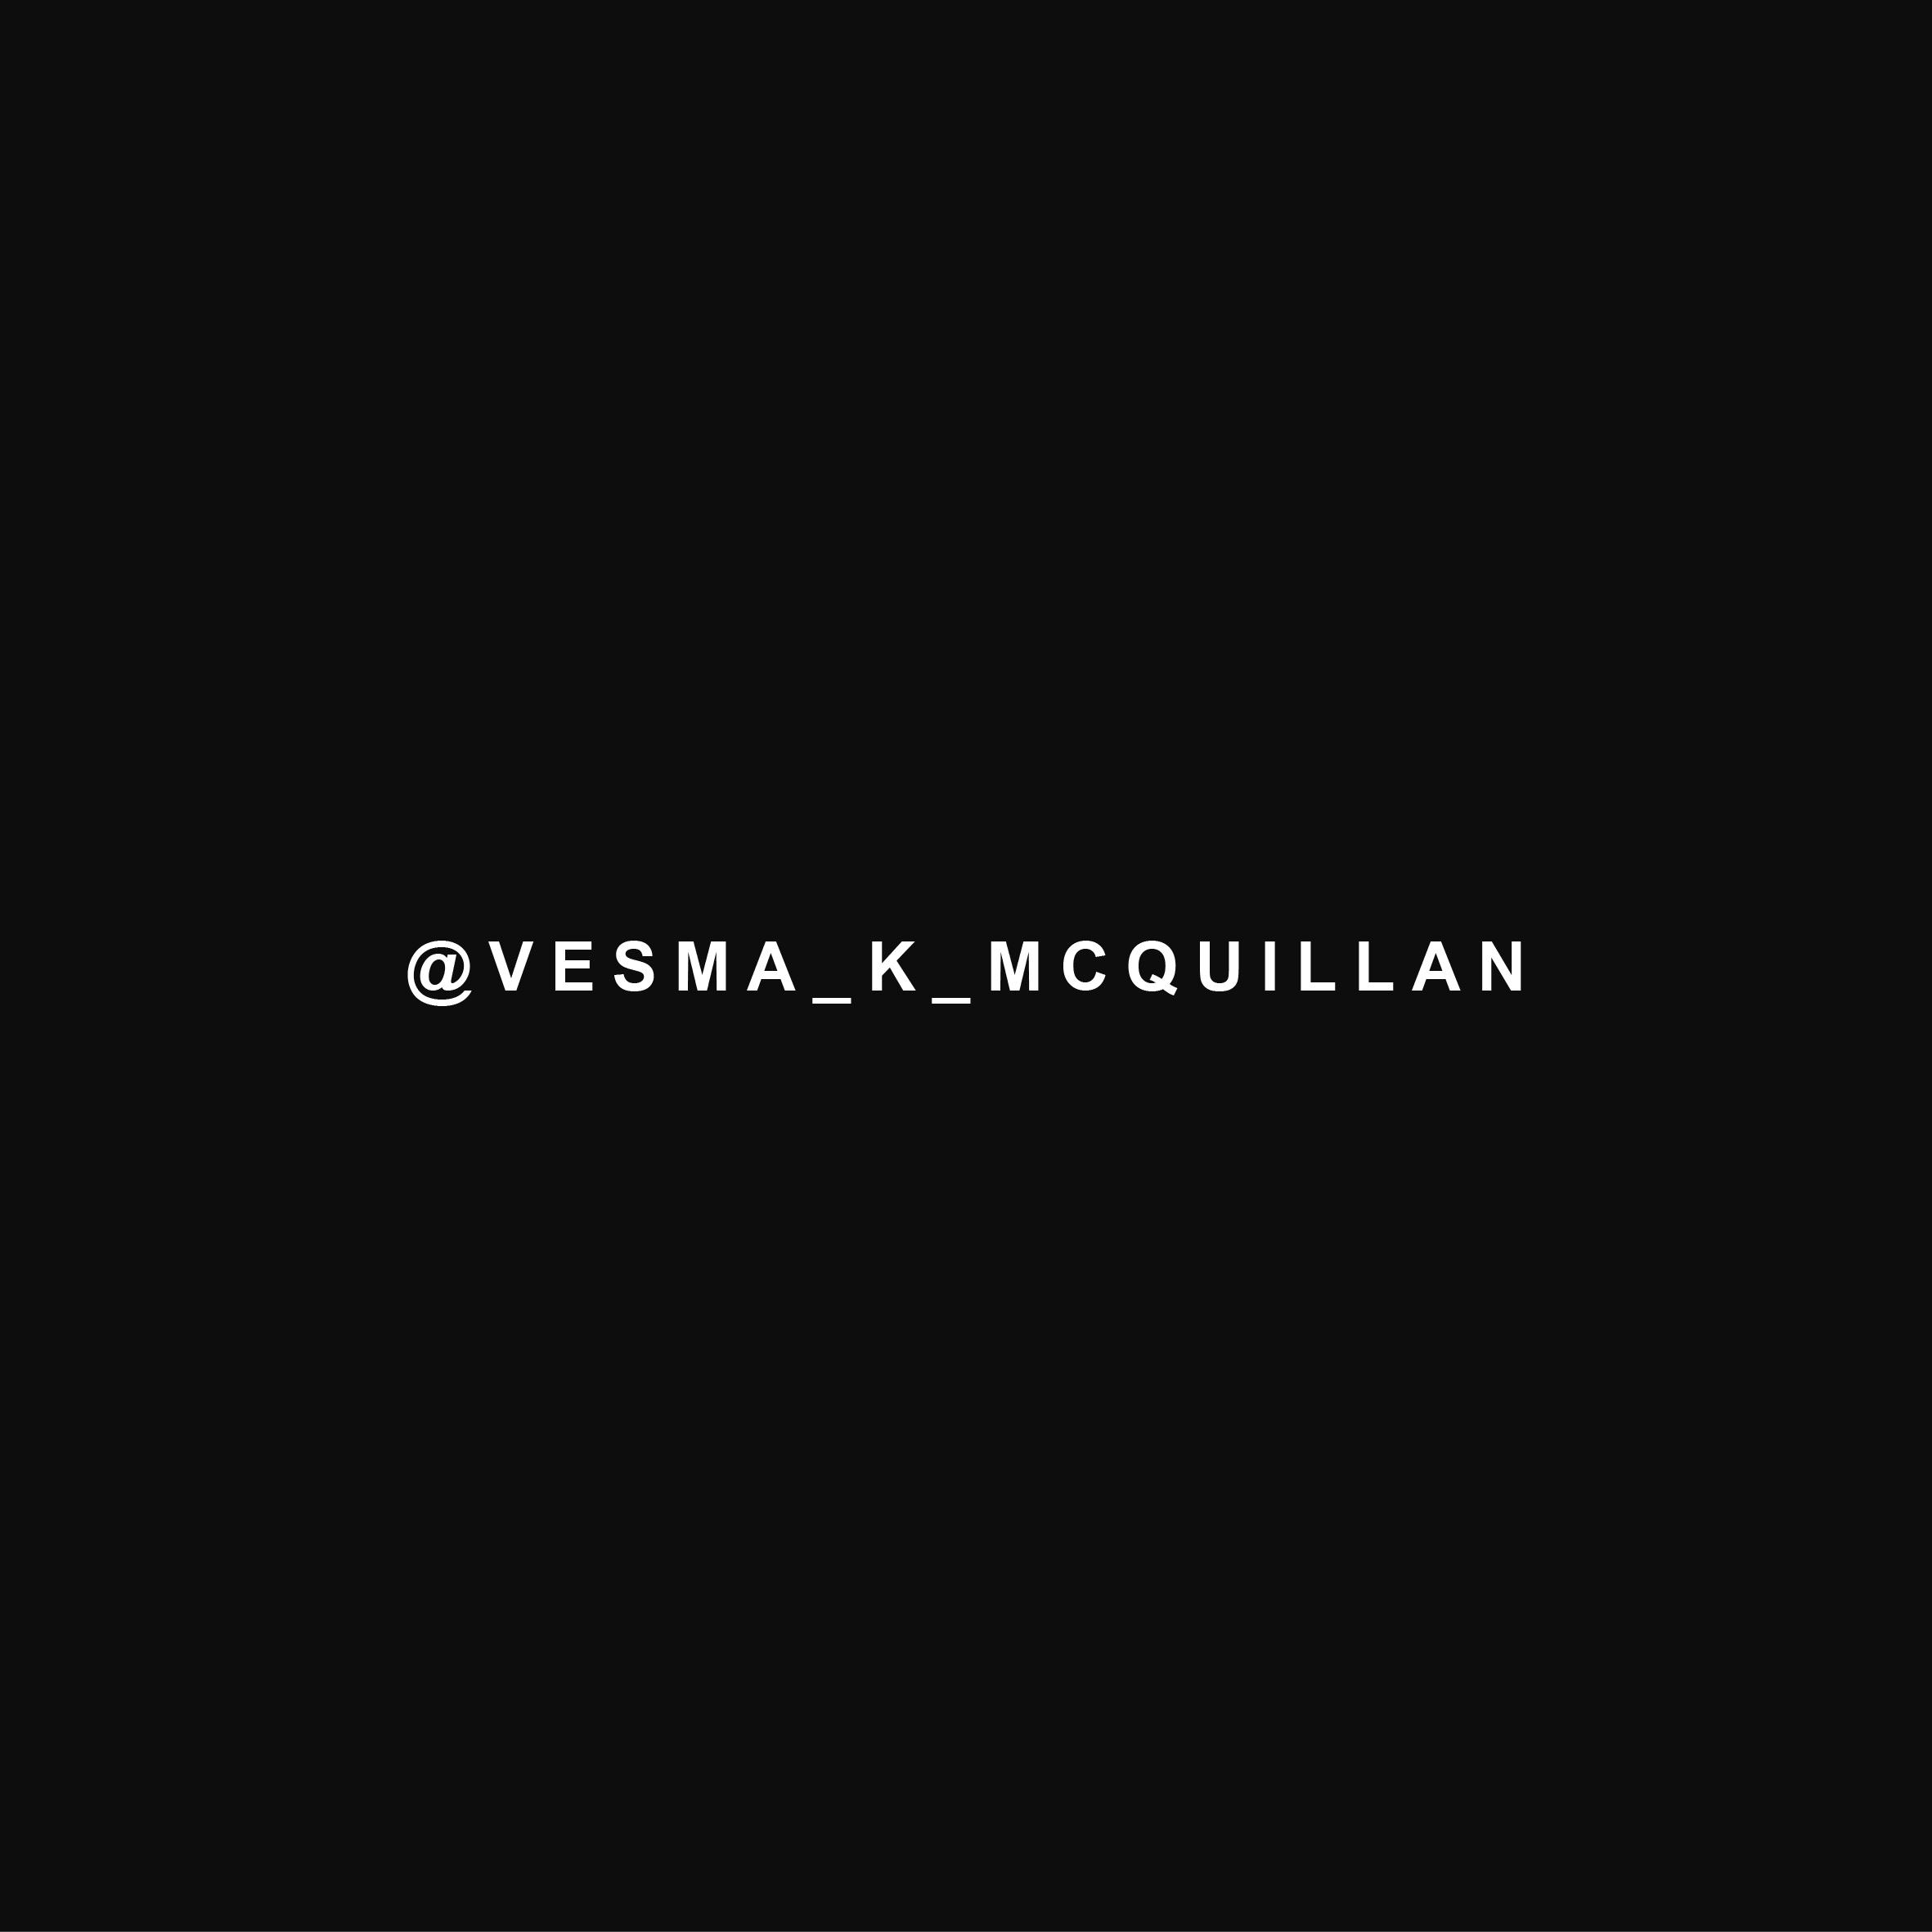 VESMA4.jpg